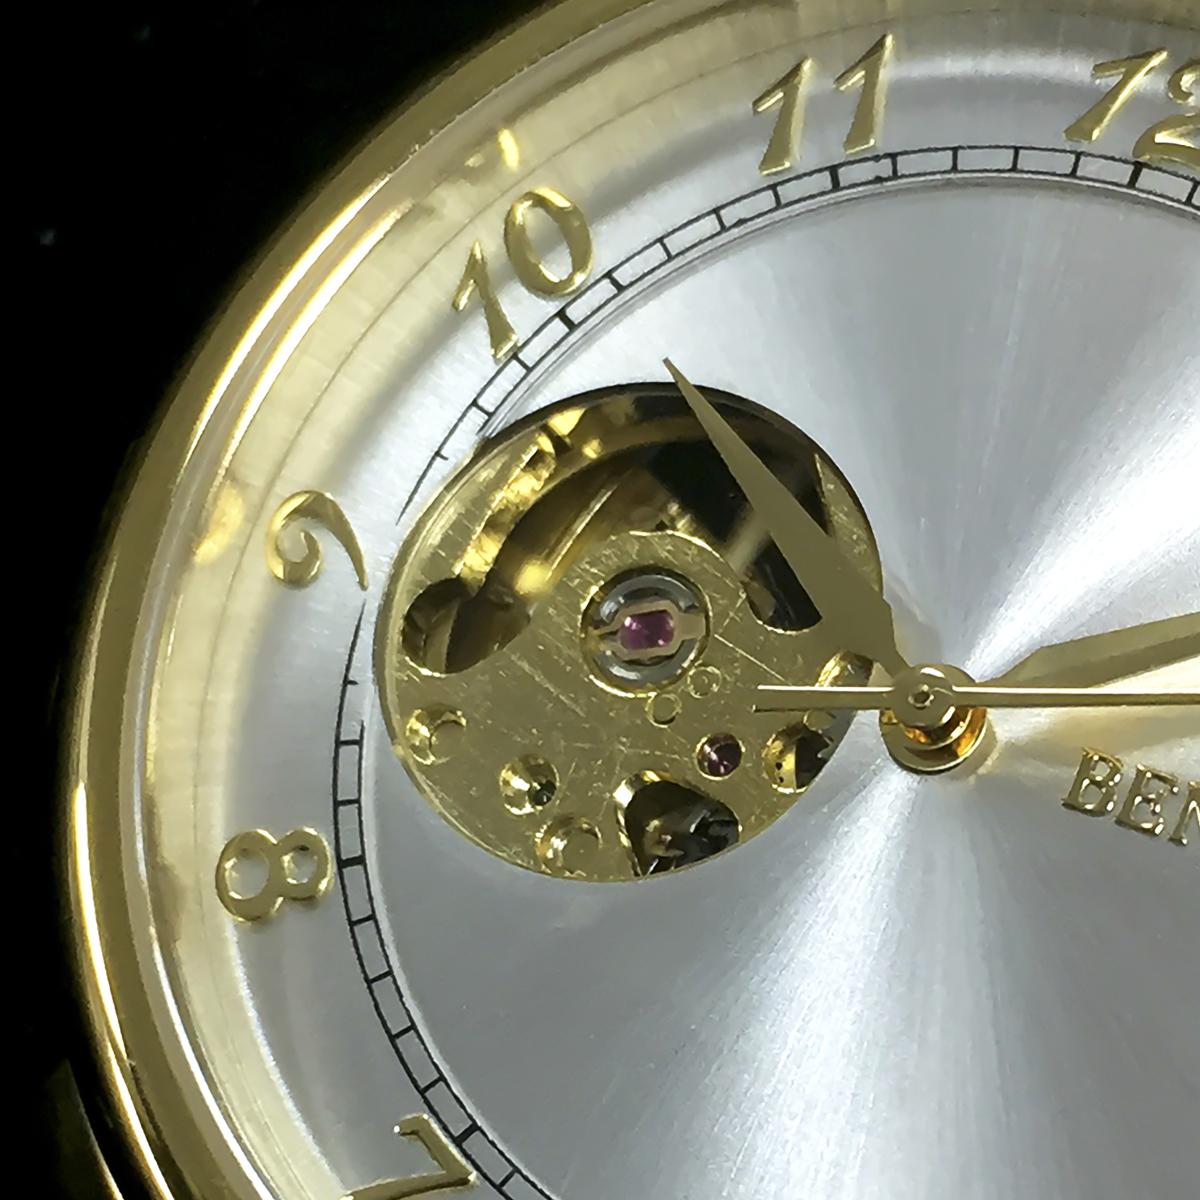 機械式腕時計 アナログウォッチ メンズ BENTLEY ベントレー【BT-AM076】